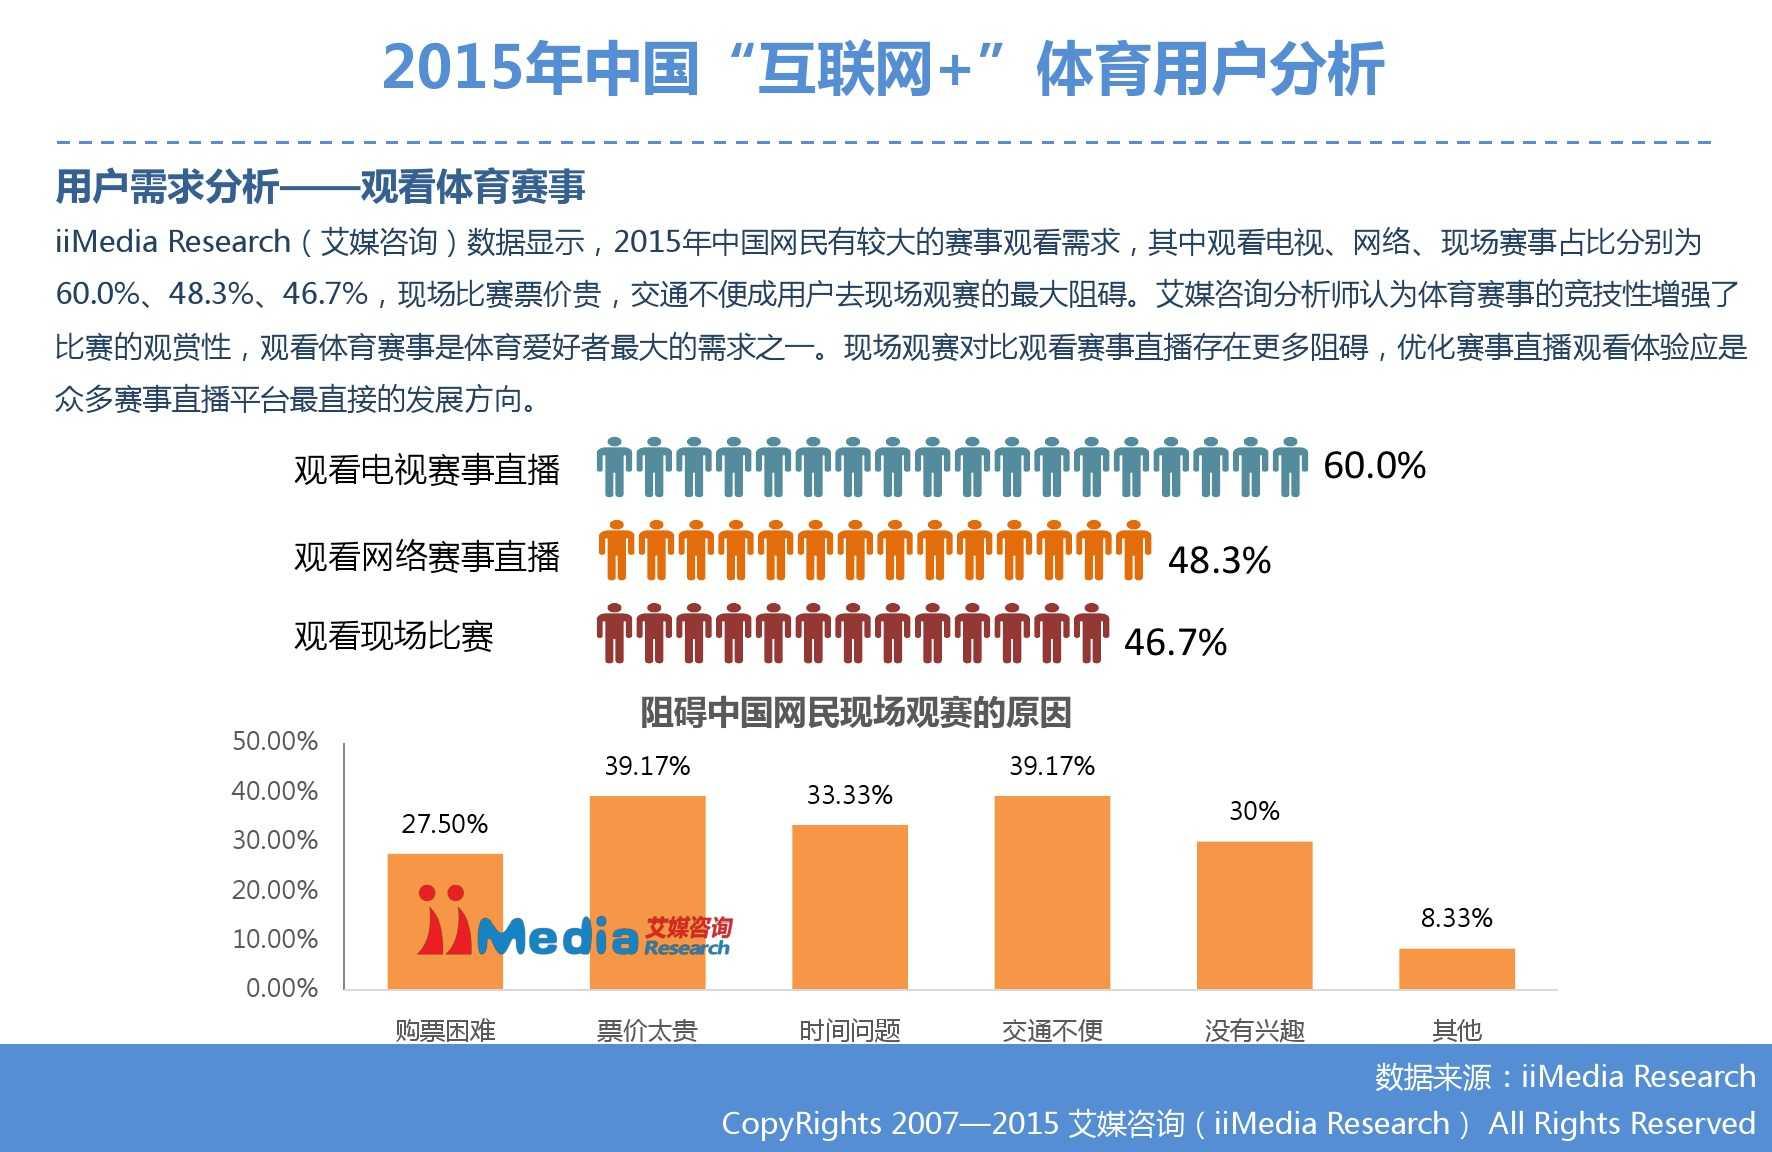 """艾媒咨询:2015年中国""""互联网+""""体育研究_000027"""